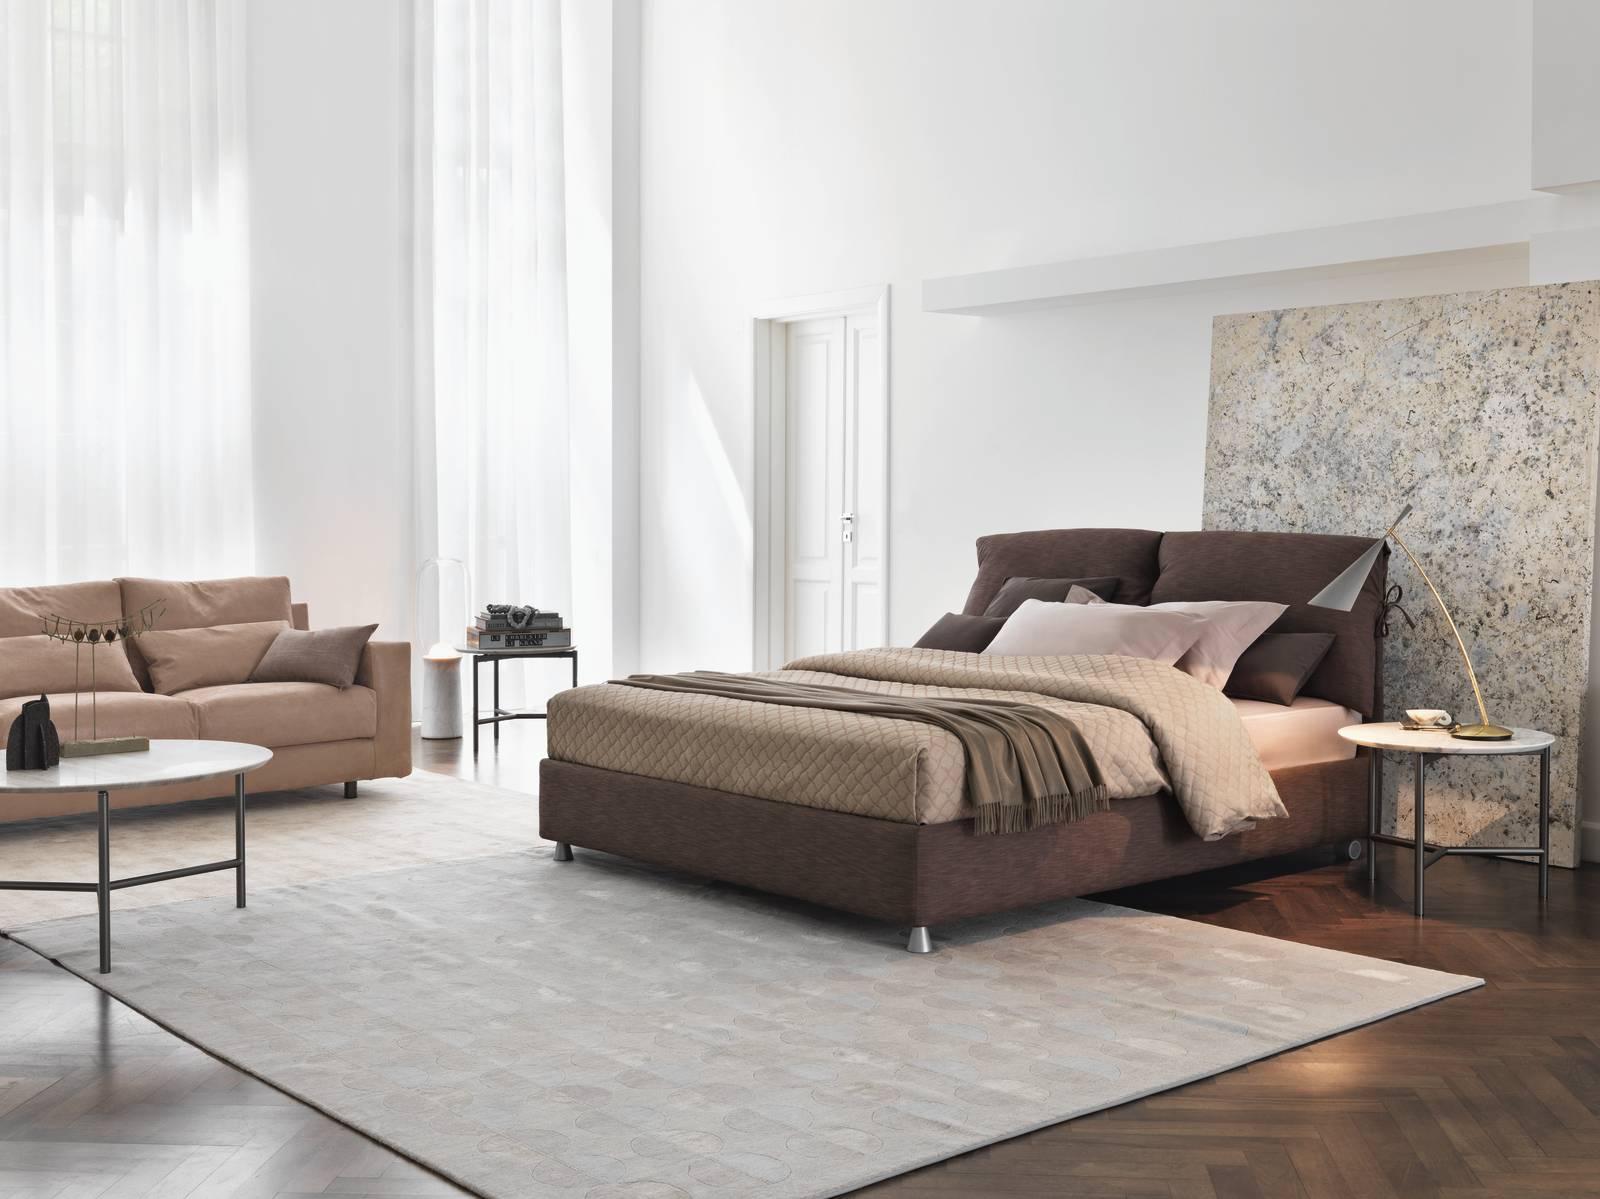 Negozi Biancheria Casa Torino biancheria letto, copripiumini, trapunte per la stagione